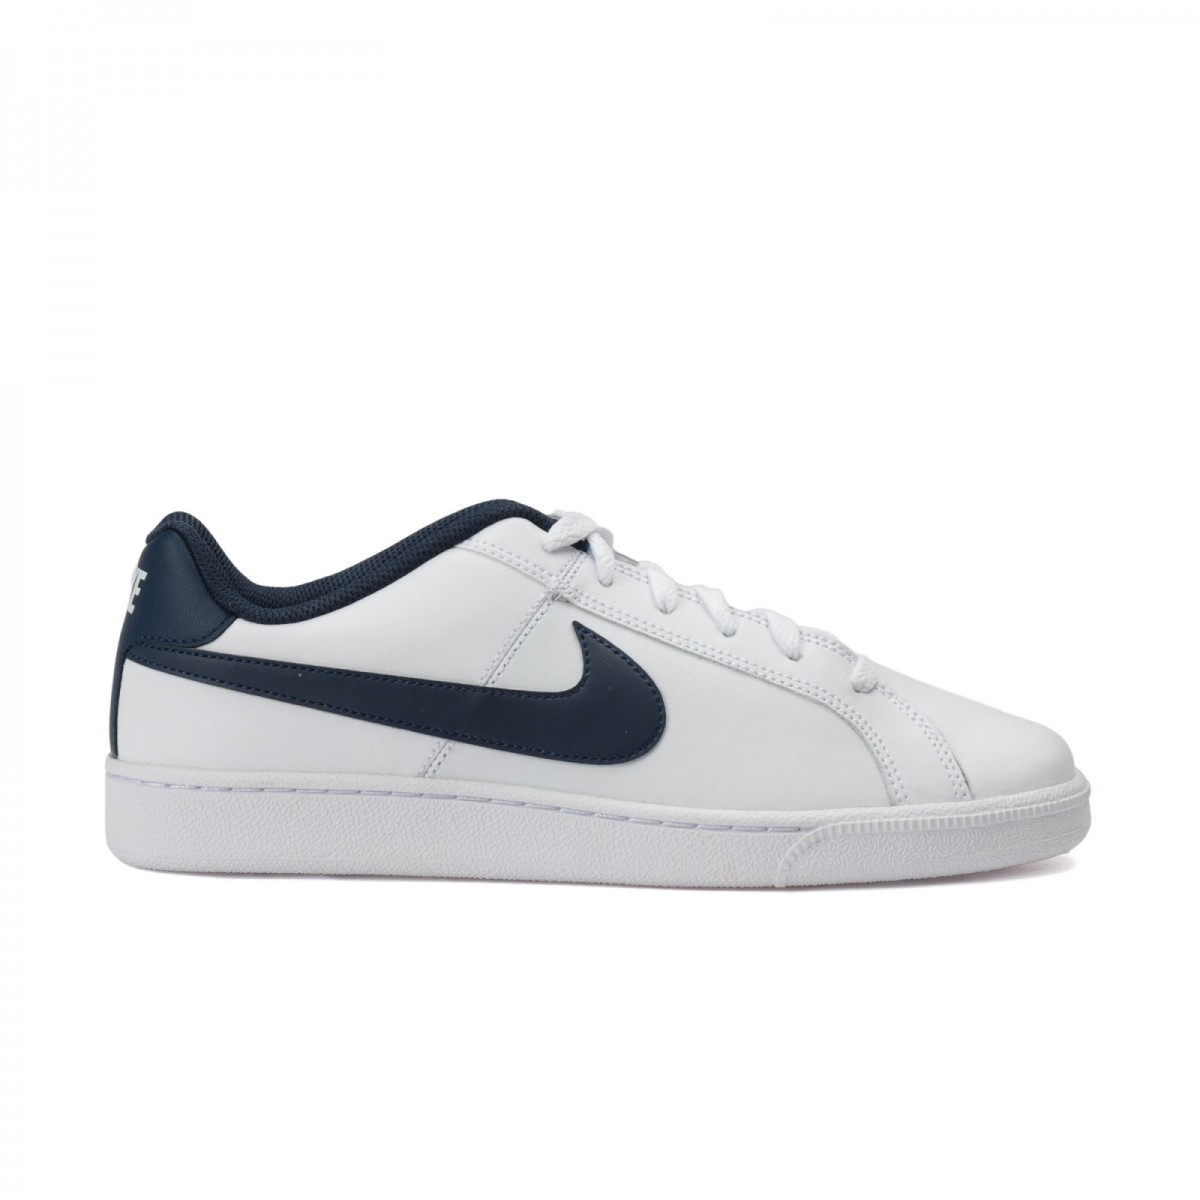 scarpe uomo nike court royale